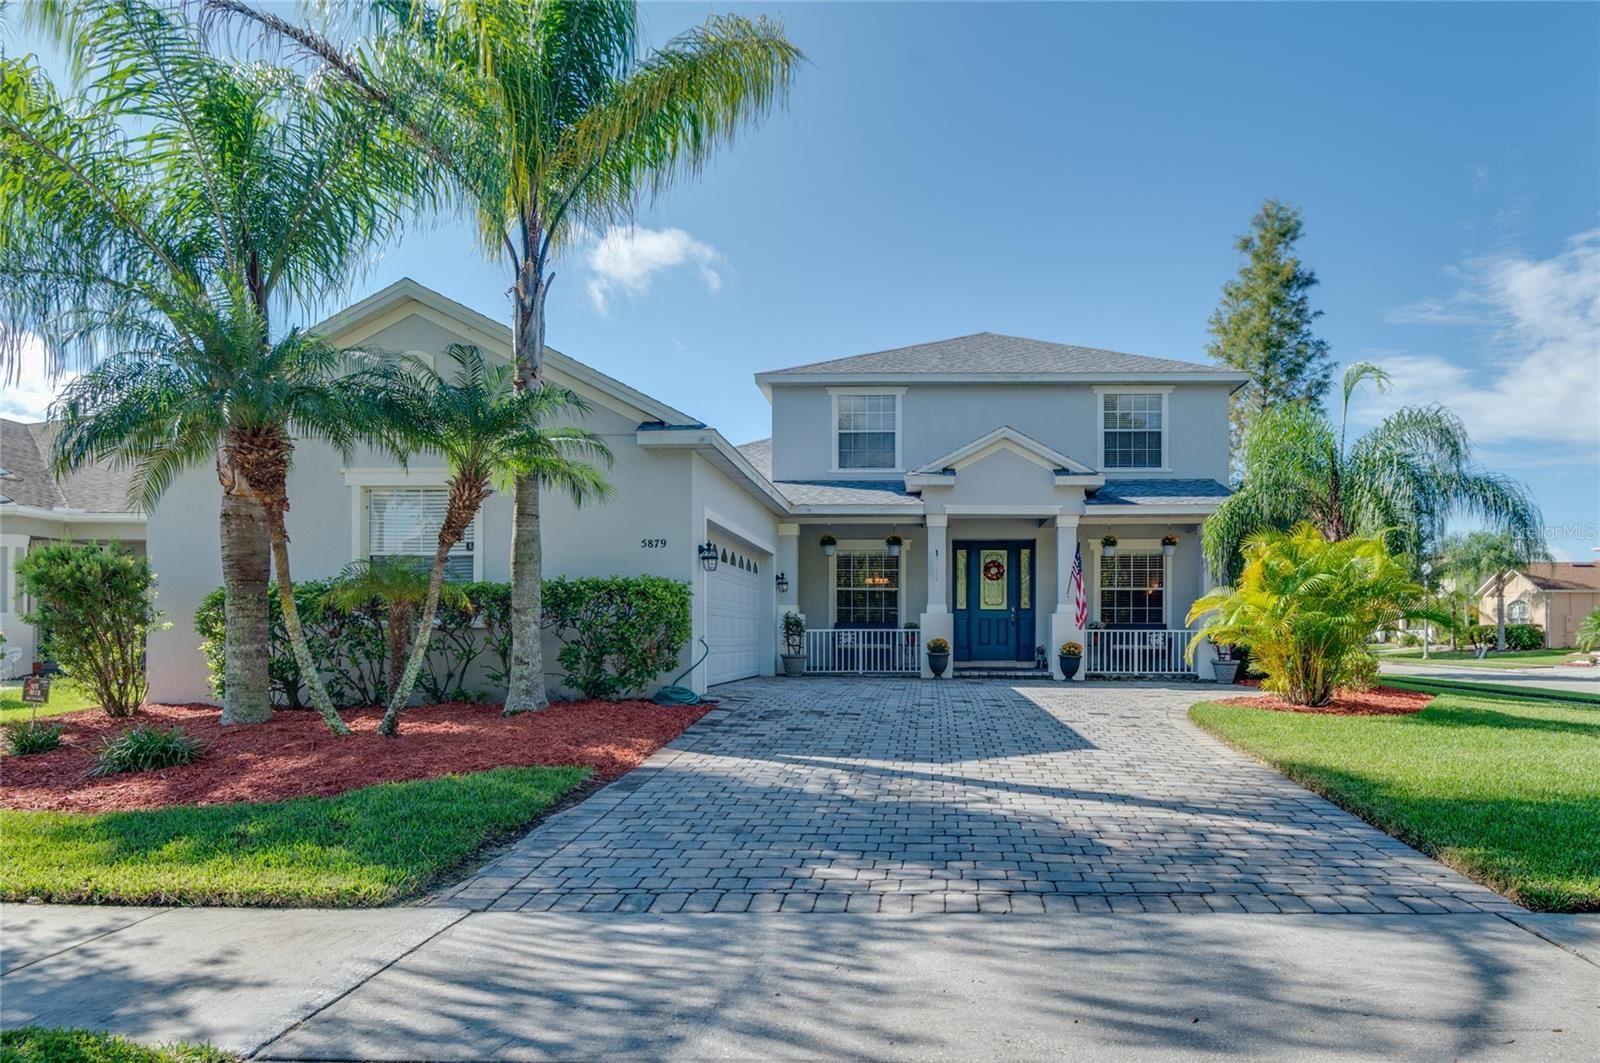 5879 COVINGTON COVE WAY, Orlando, FL 32829 - #: O5975171